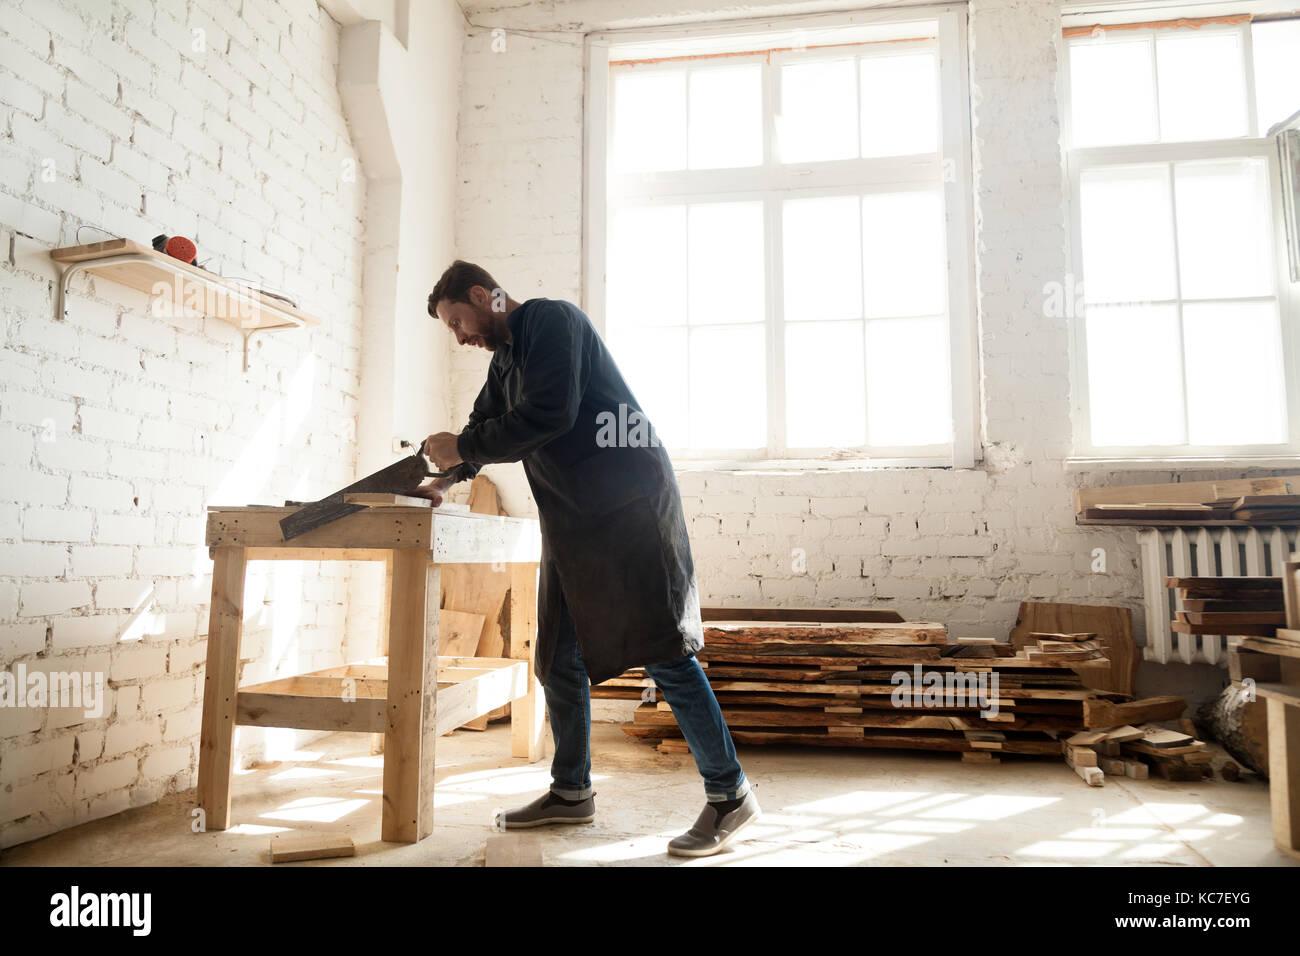 Holzarbeiten und Bau. Tischler mit handsäge zum Sägen nicht Stockbild